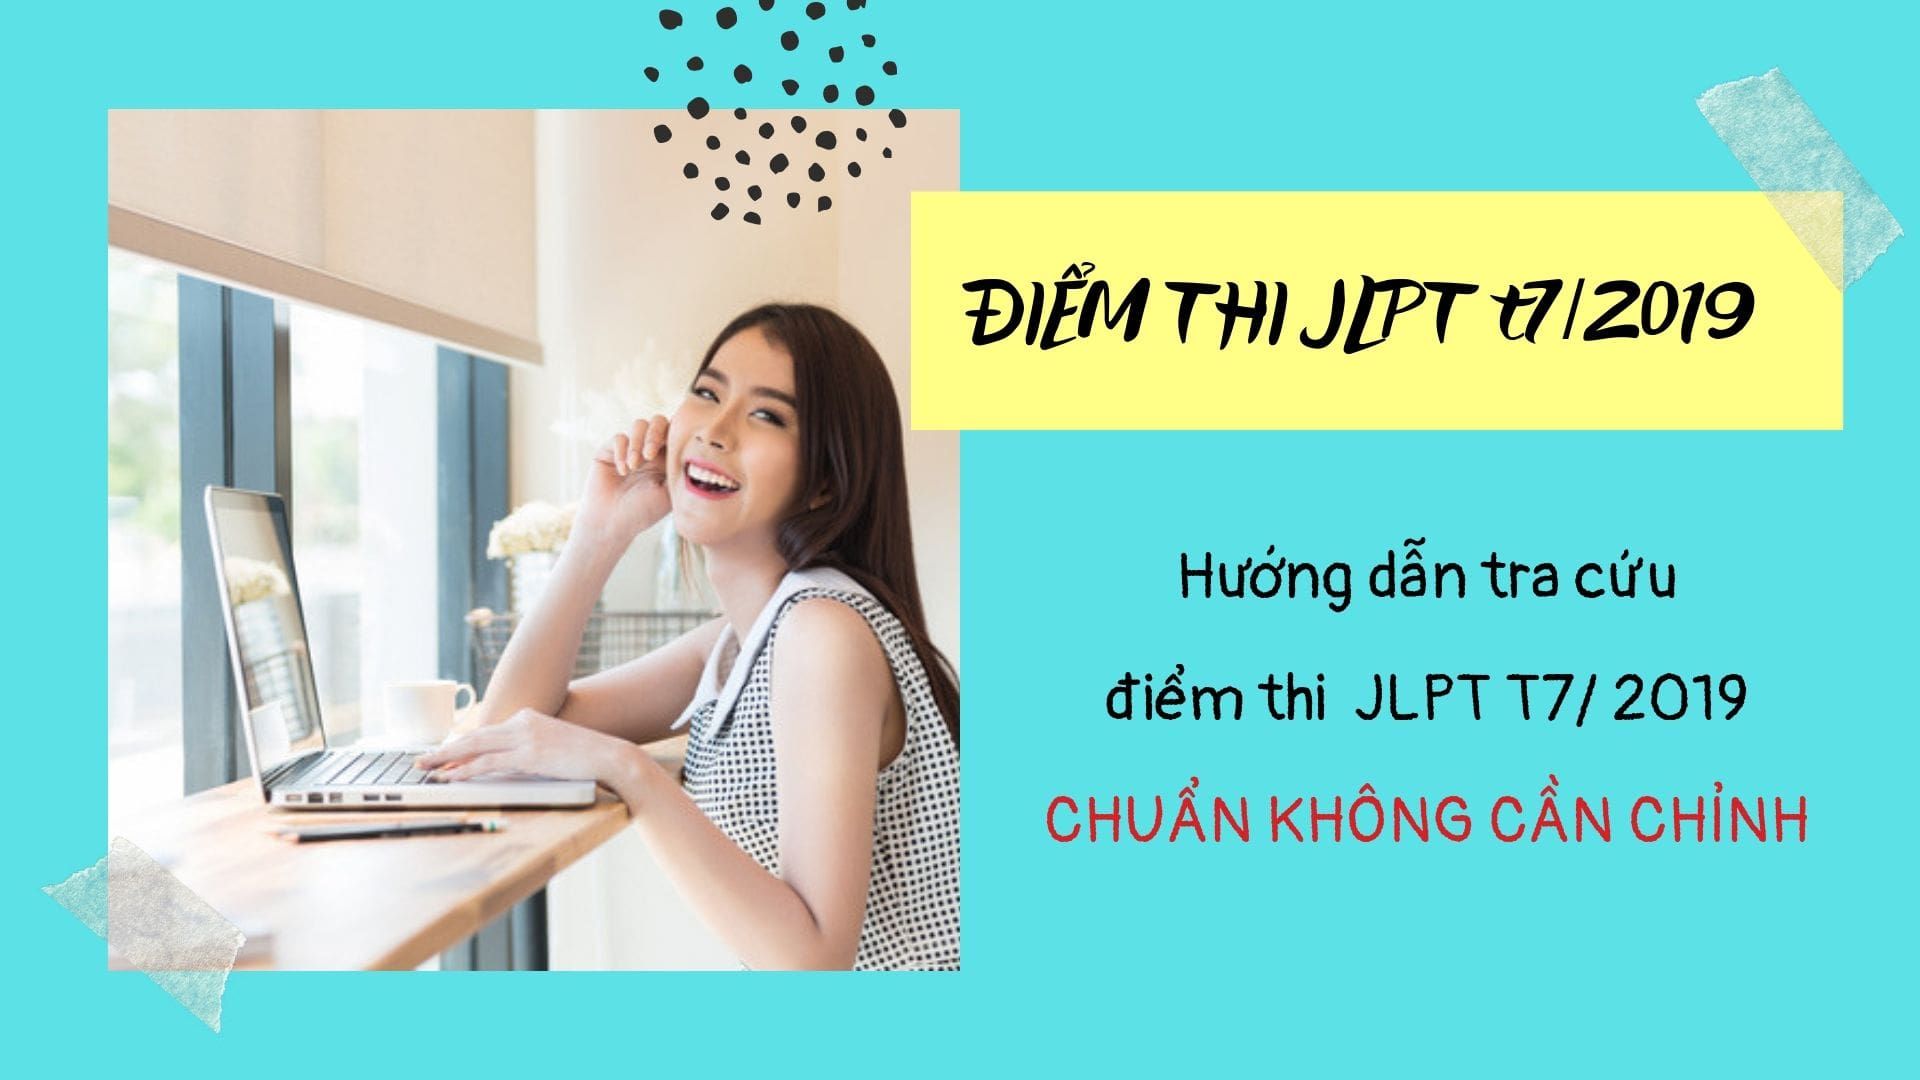 CHUẨN cách tra cứu điểm thi JLPT tháng 07/2019 chính xác nhất